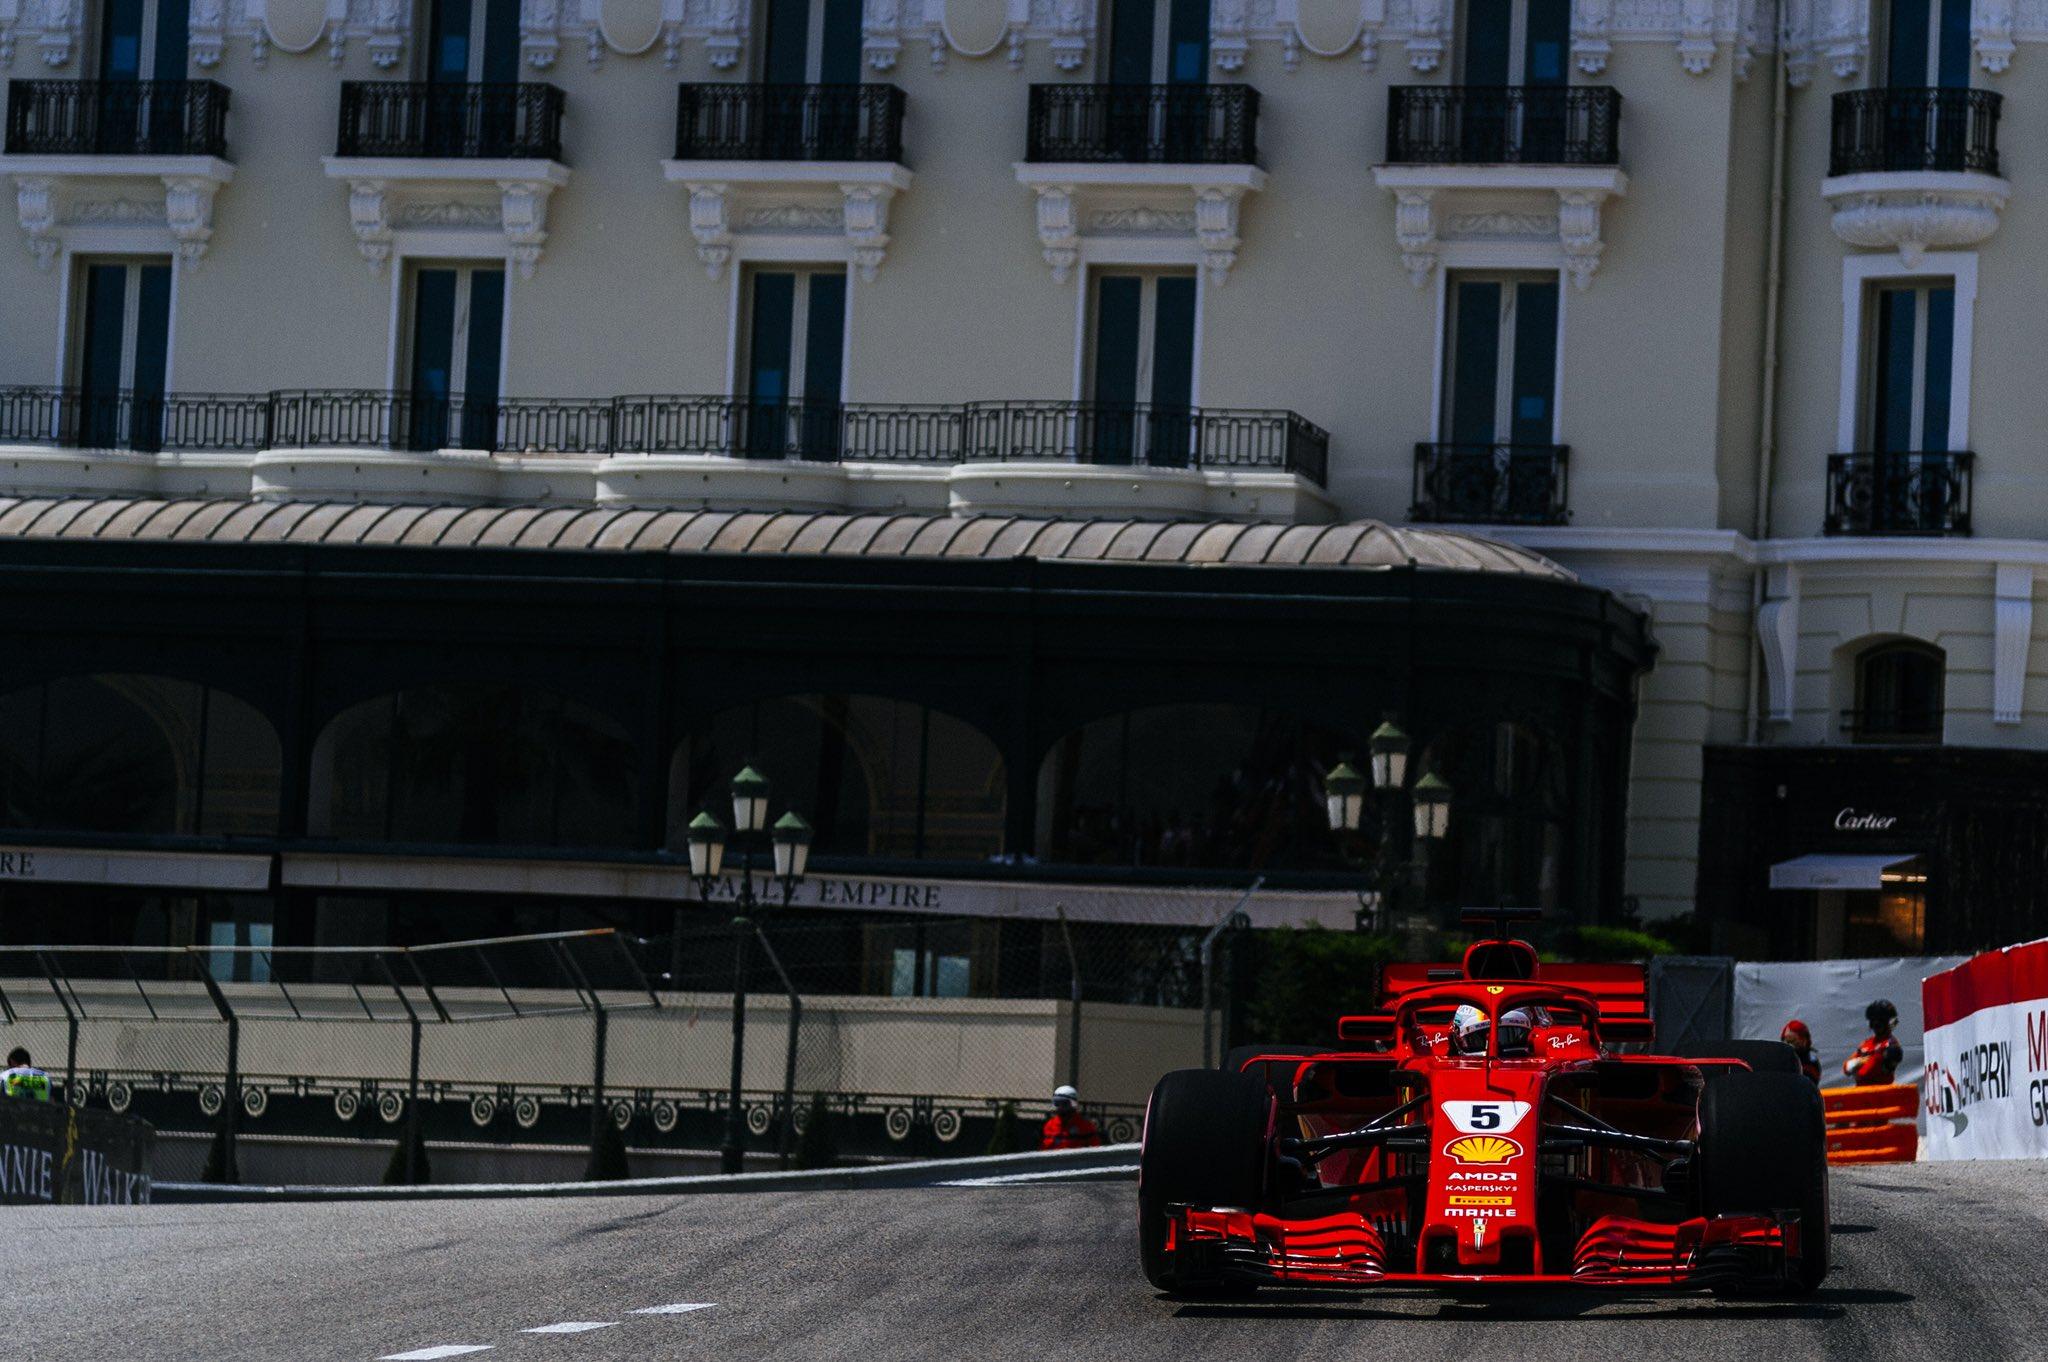 Gran Premio di Monaco, Ricciardo il più veloce nelle libere, Ferrari terza